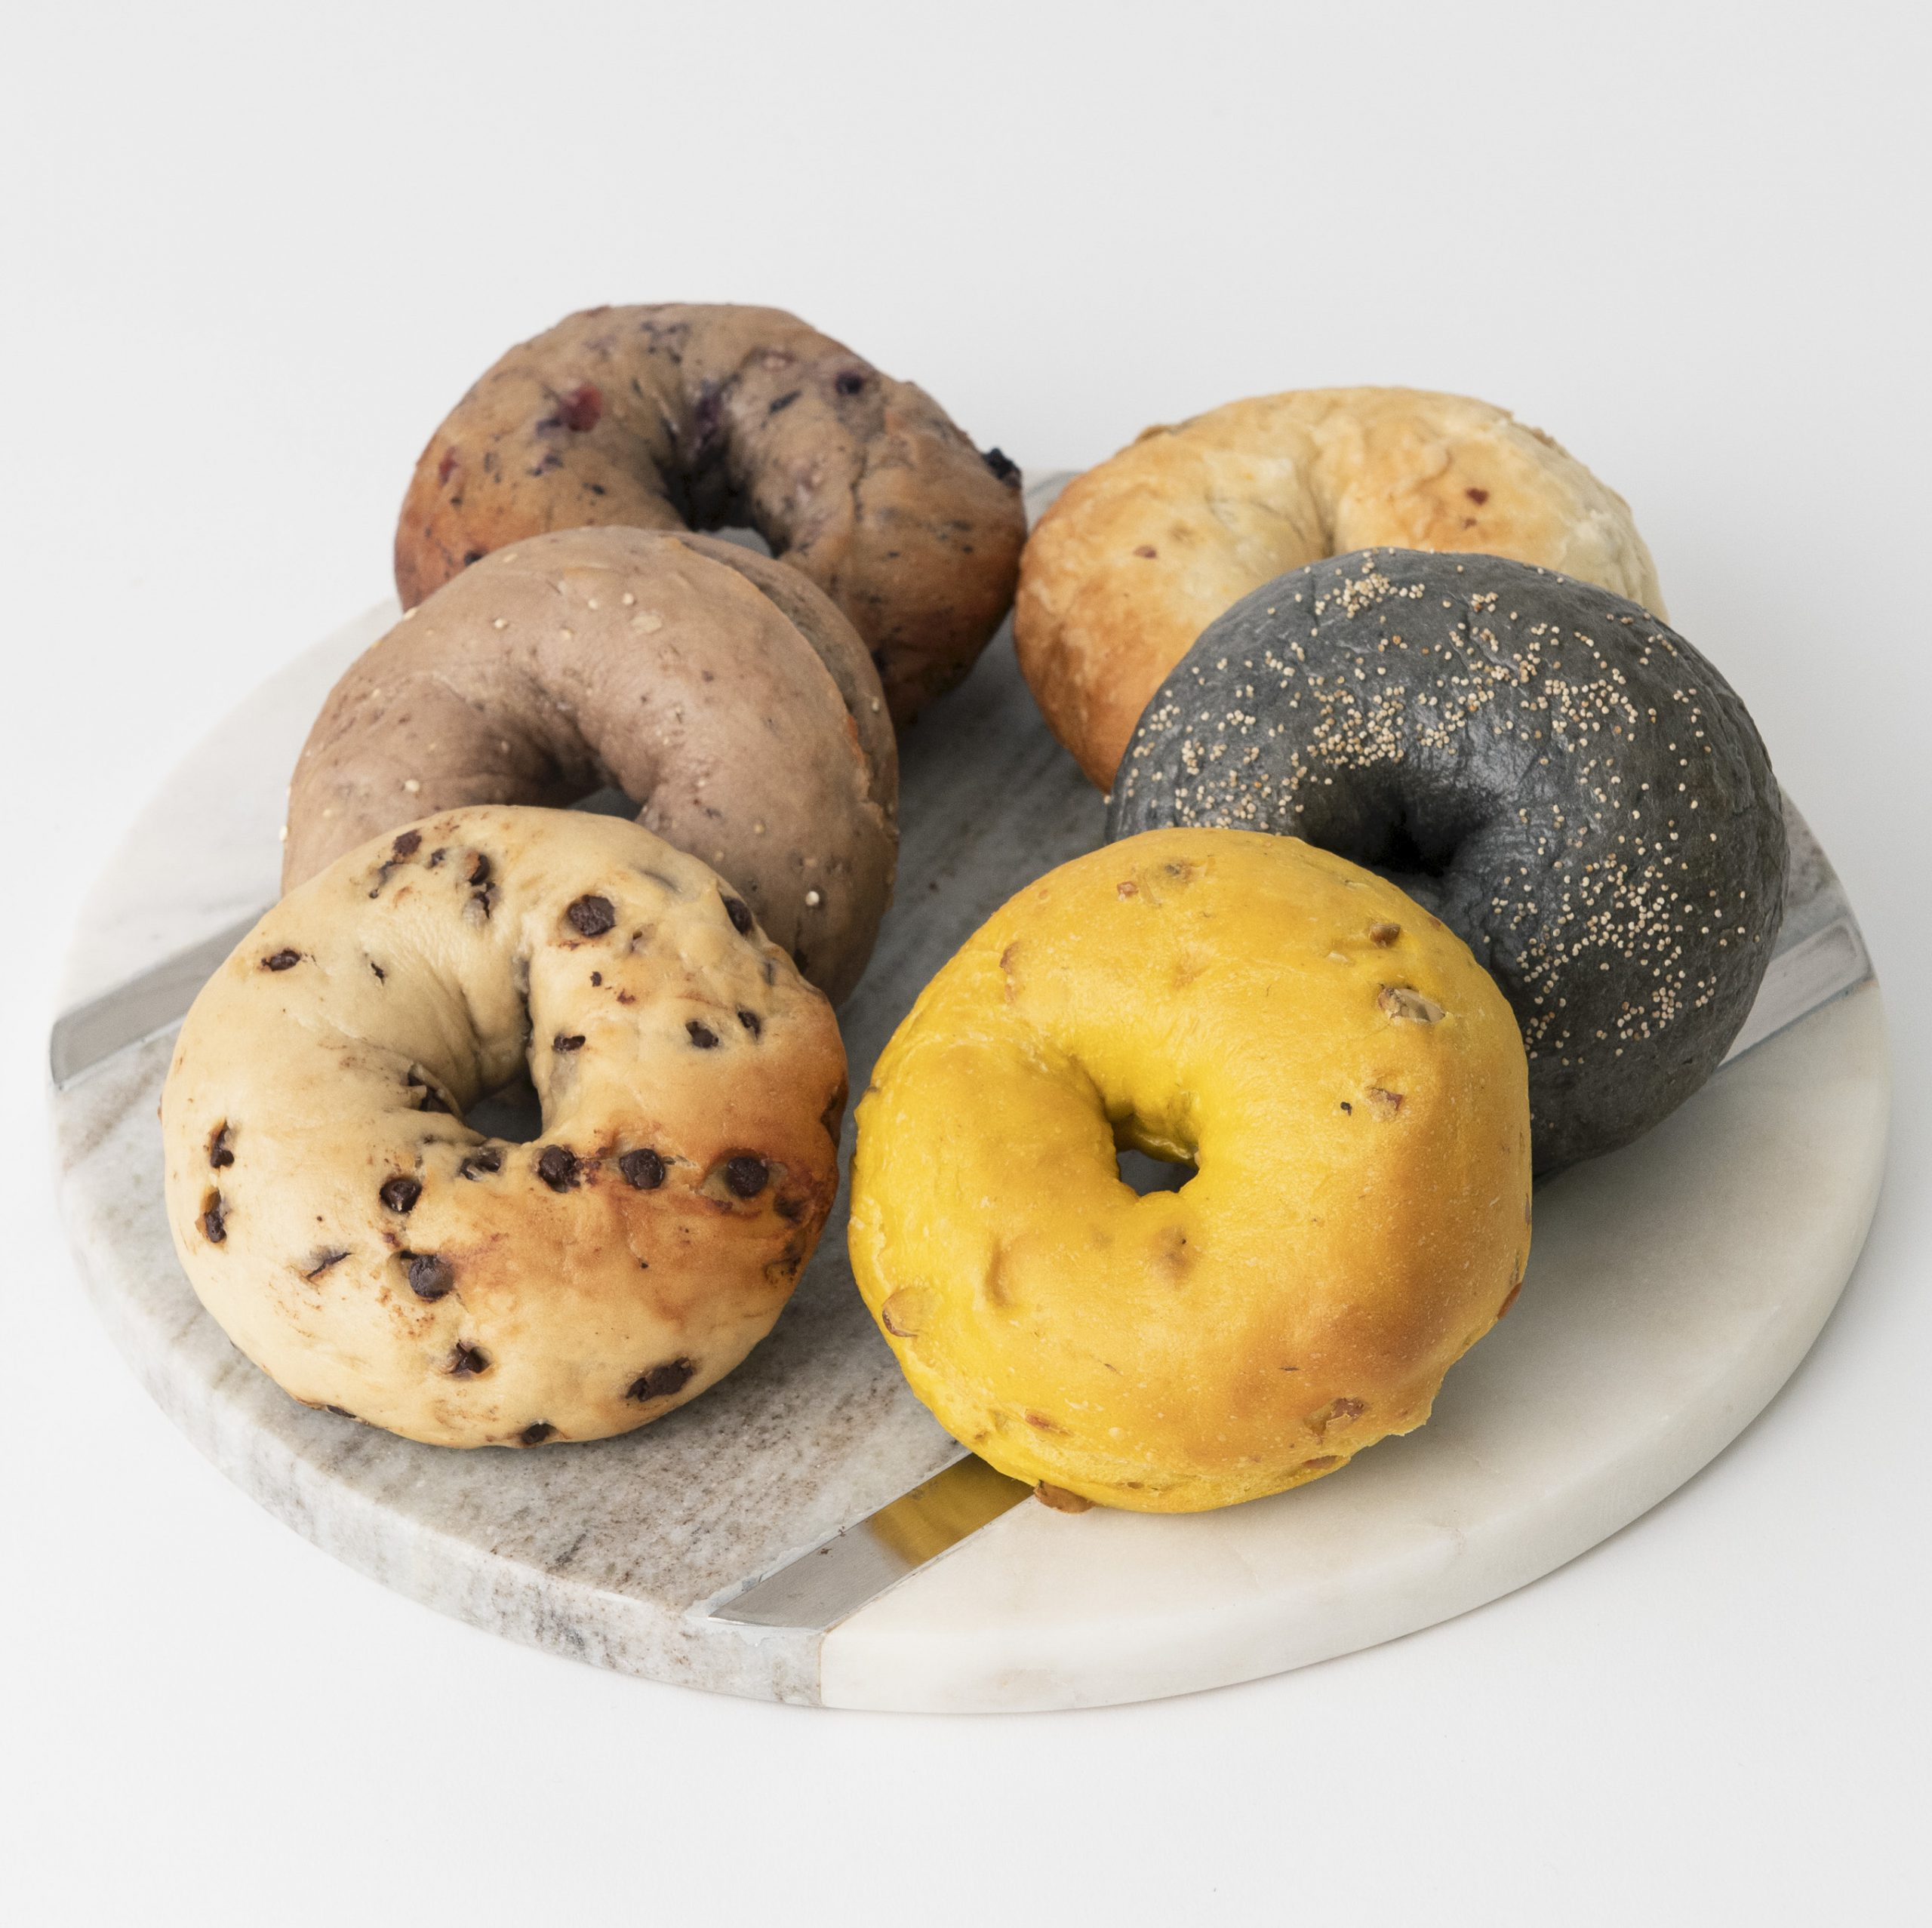 柿×COYOGUL でGourmet&Healthyに  |  ベーグルレシピ 画像3